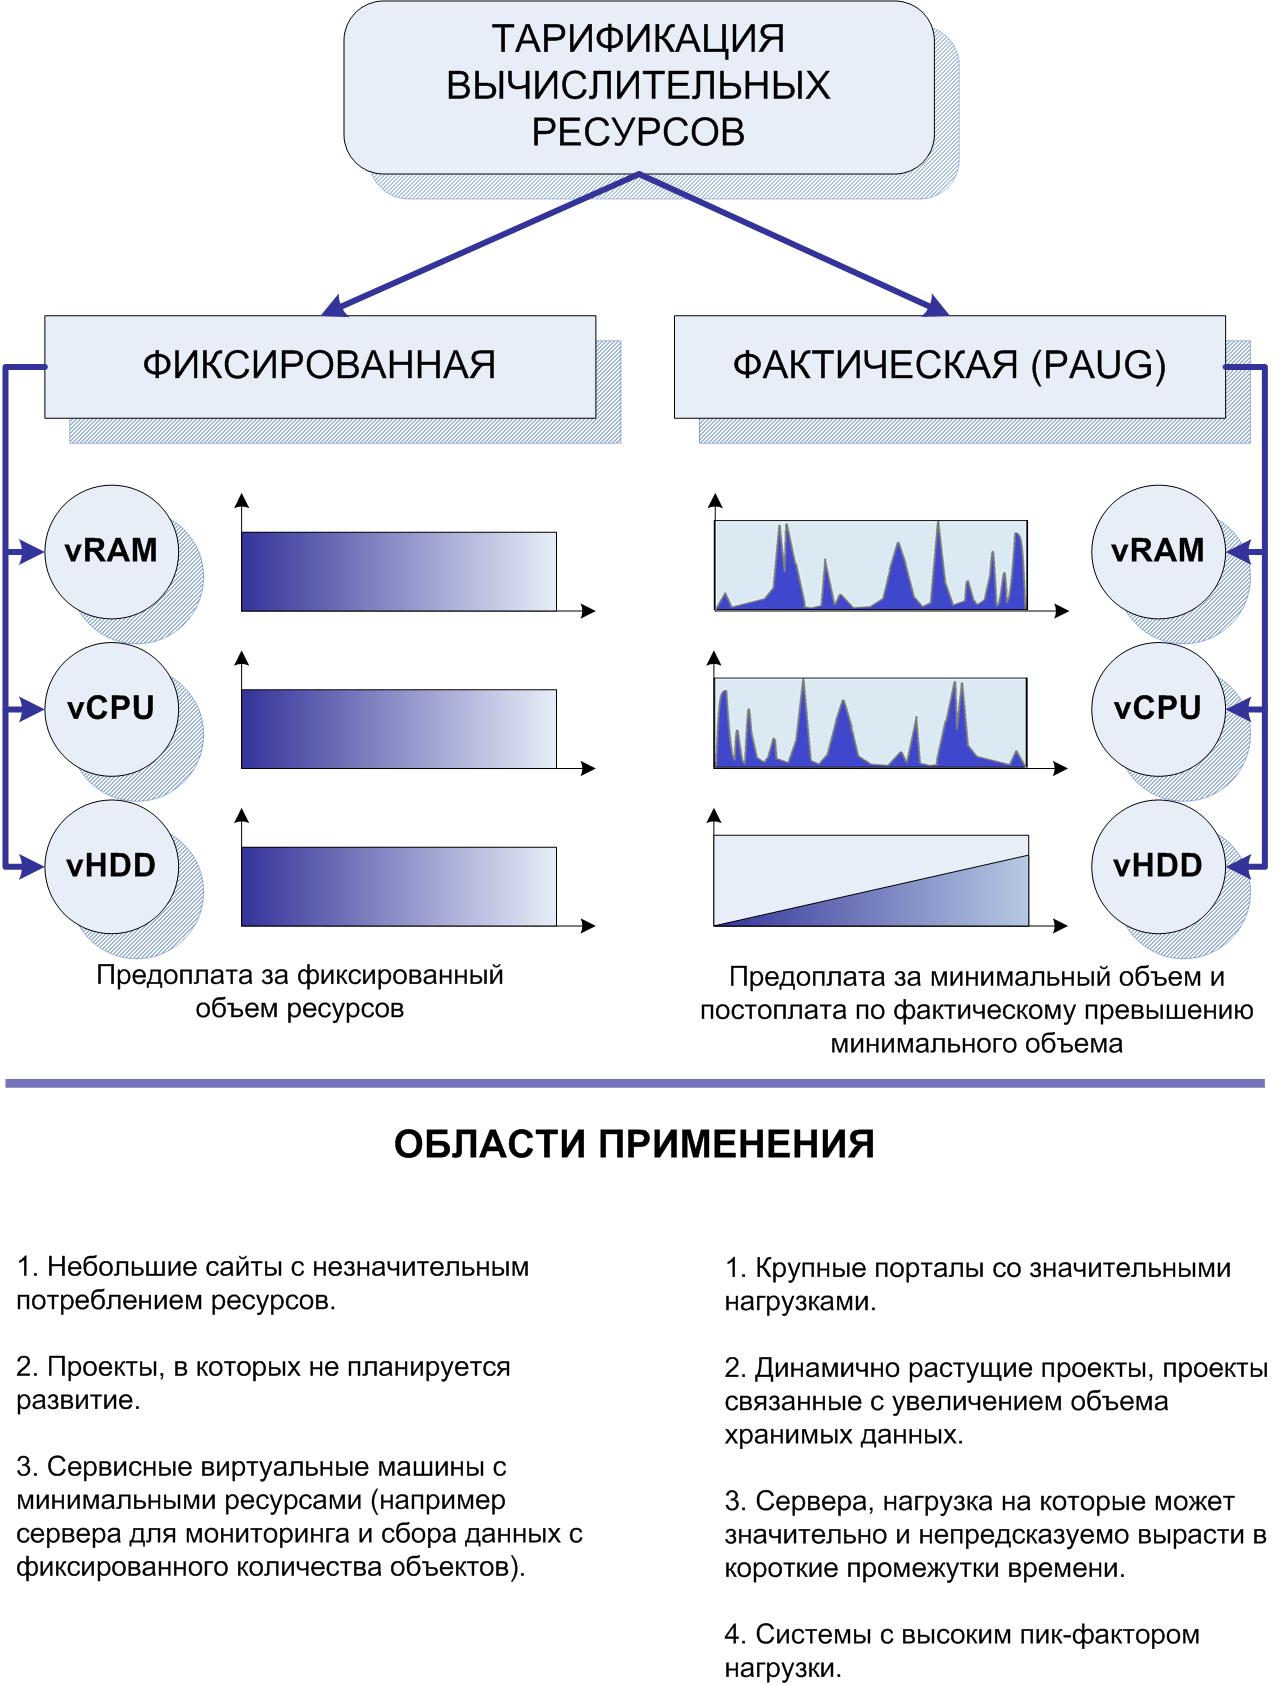 Тарифные планы - Виртуальный сервер, Выделенный сервер, Виртуальная машина, VDS